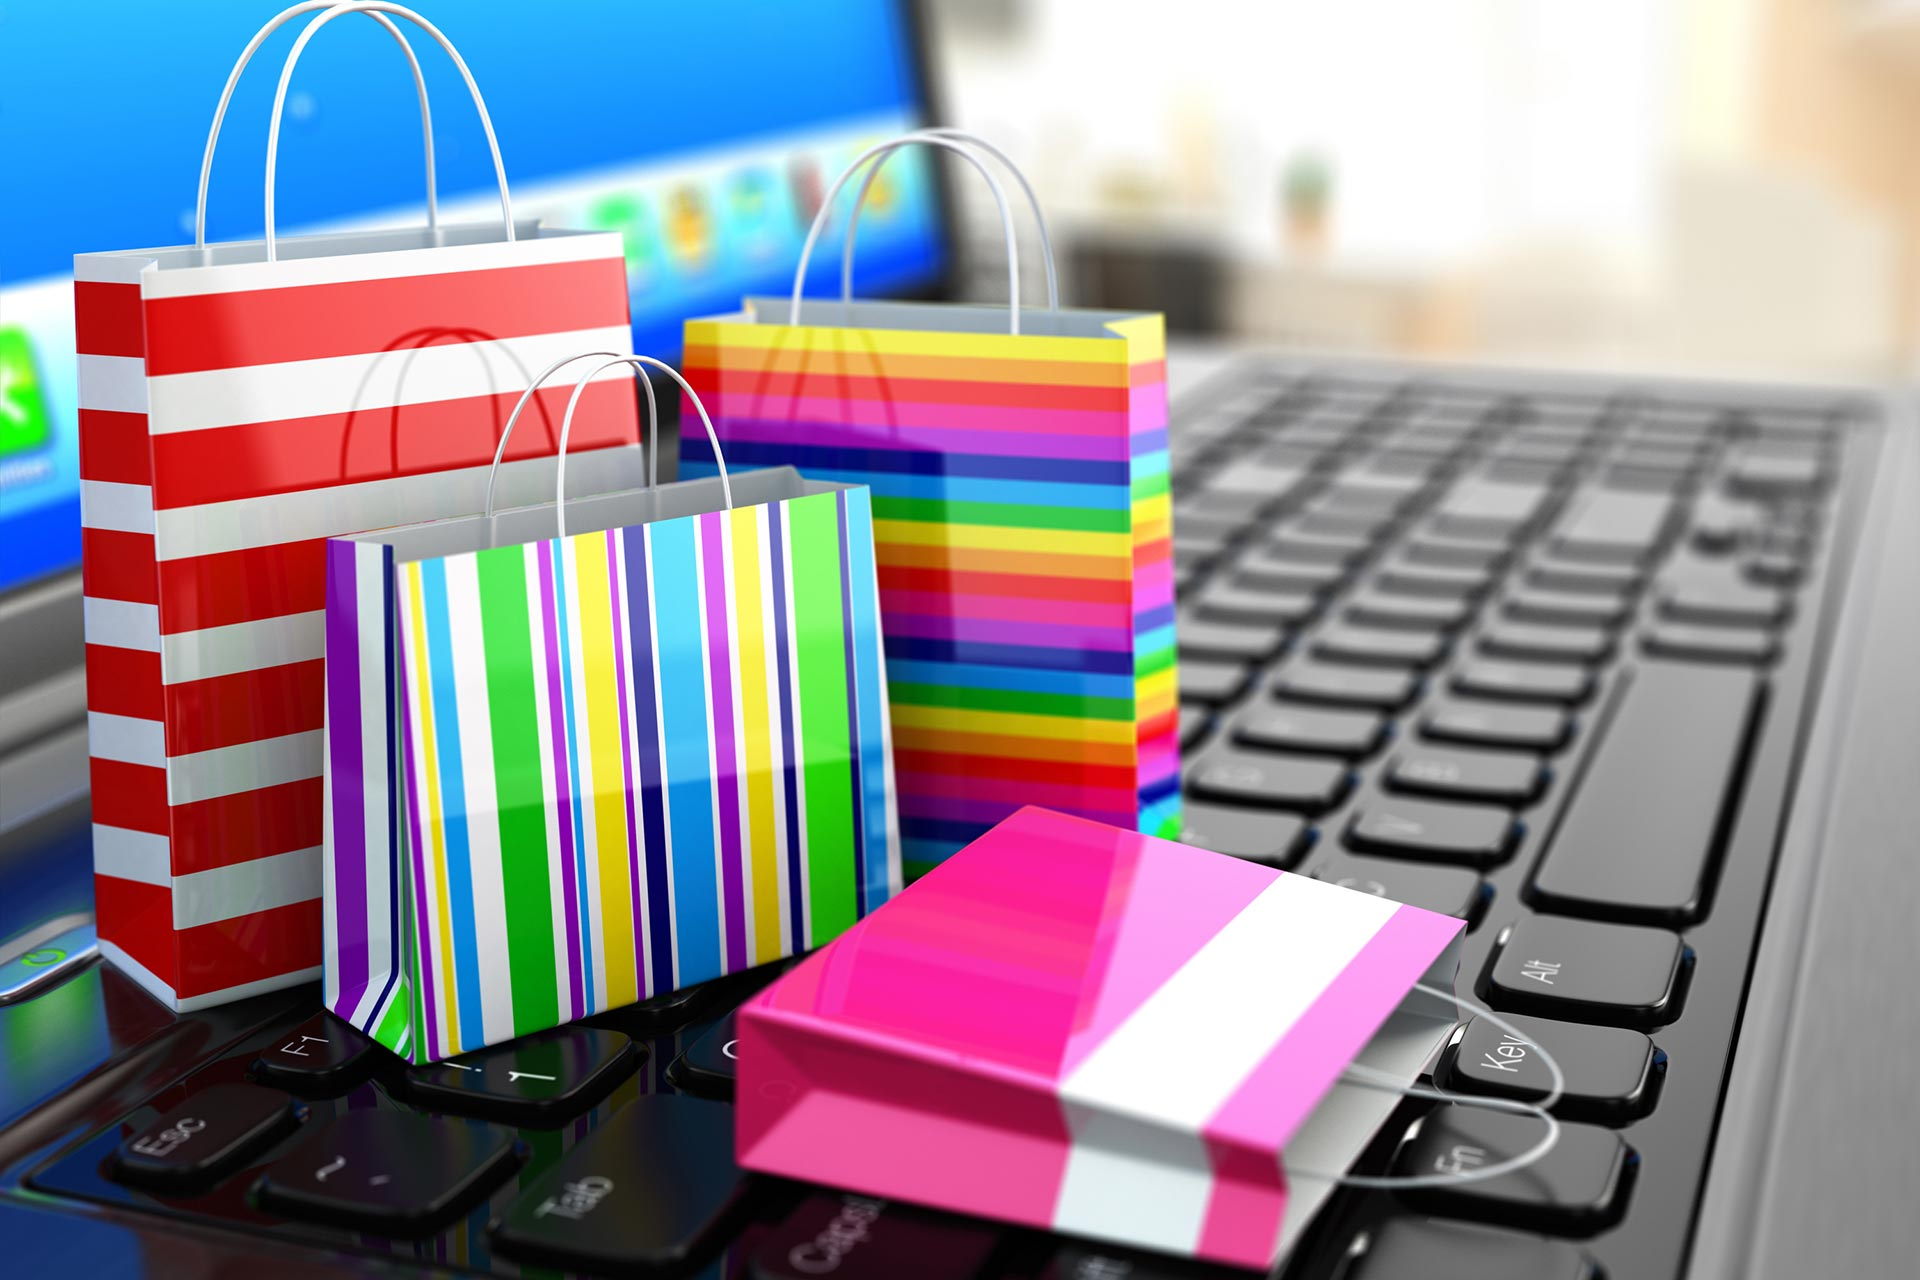 05.02.21г. в 14.00. Бесплатный вебинар: Как создать интернет-магазин и заработать на продаже товаров